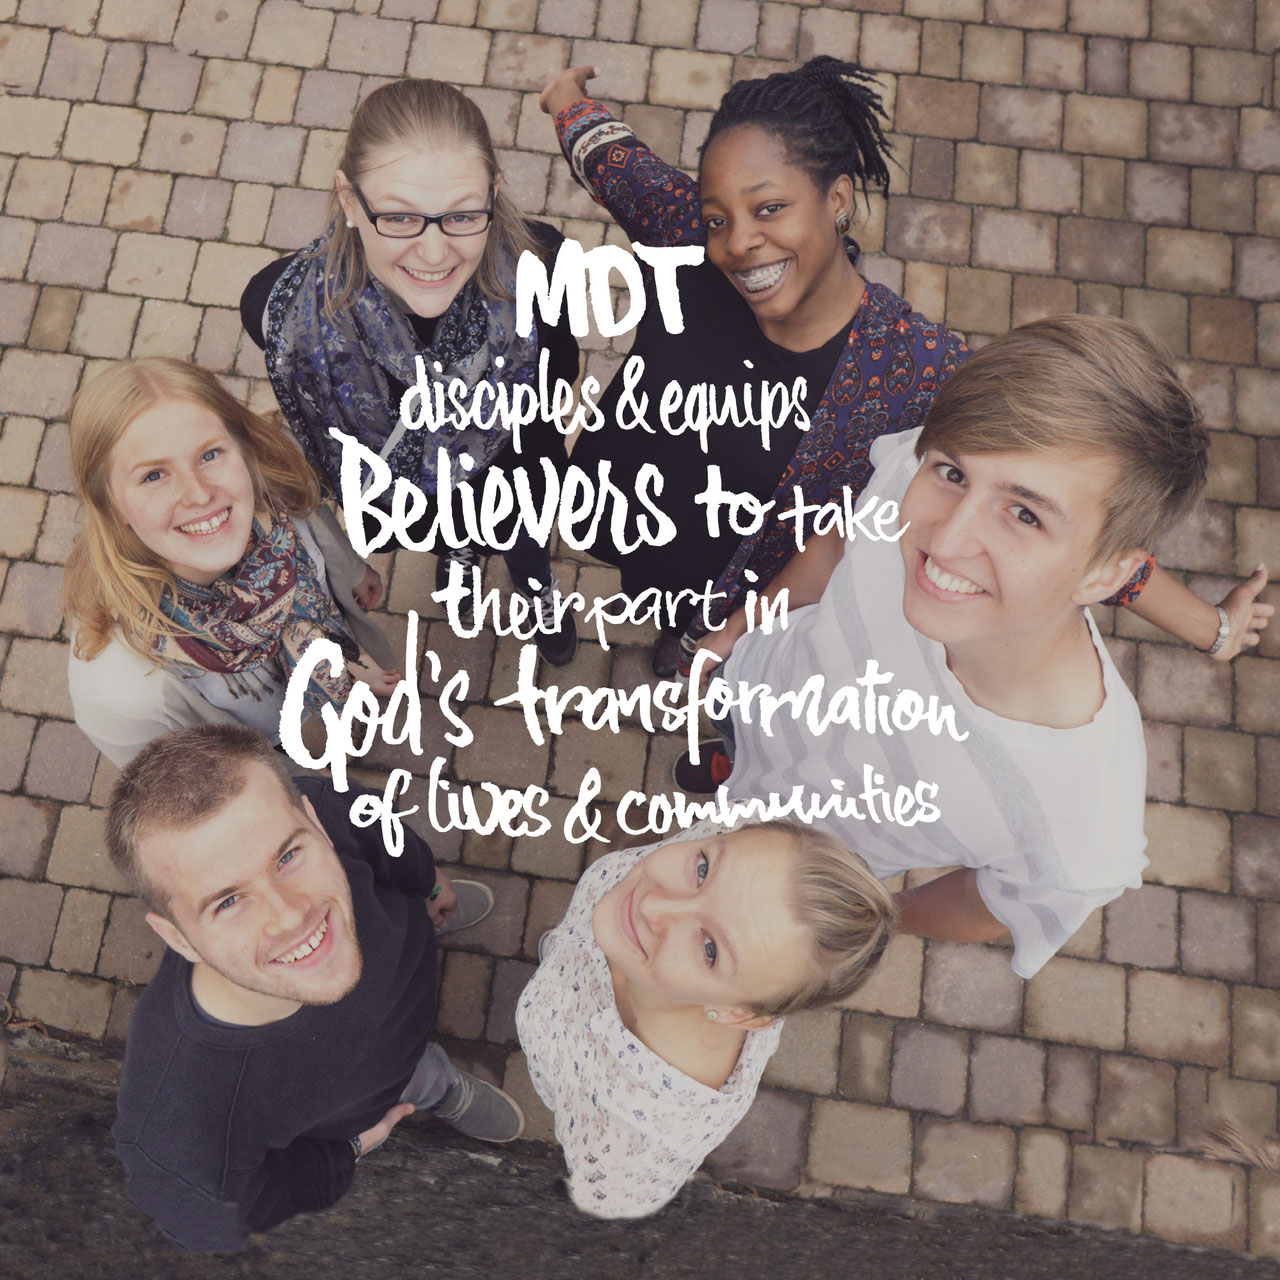 Die Teilnehmer des Jüngerschaftstrainings MDT, darauf die Vision in englisch: disciples & equips Belivers to take their part in God's transformation of lives & communities